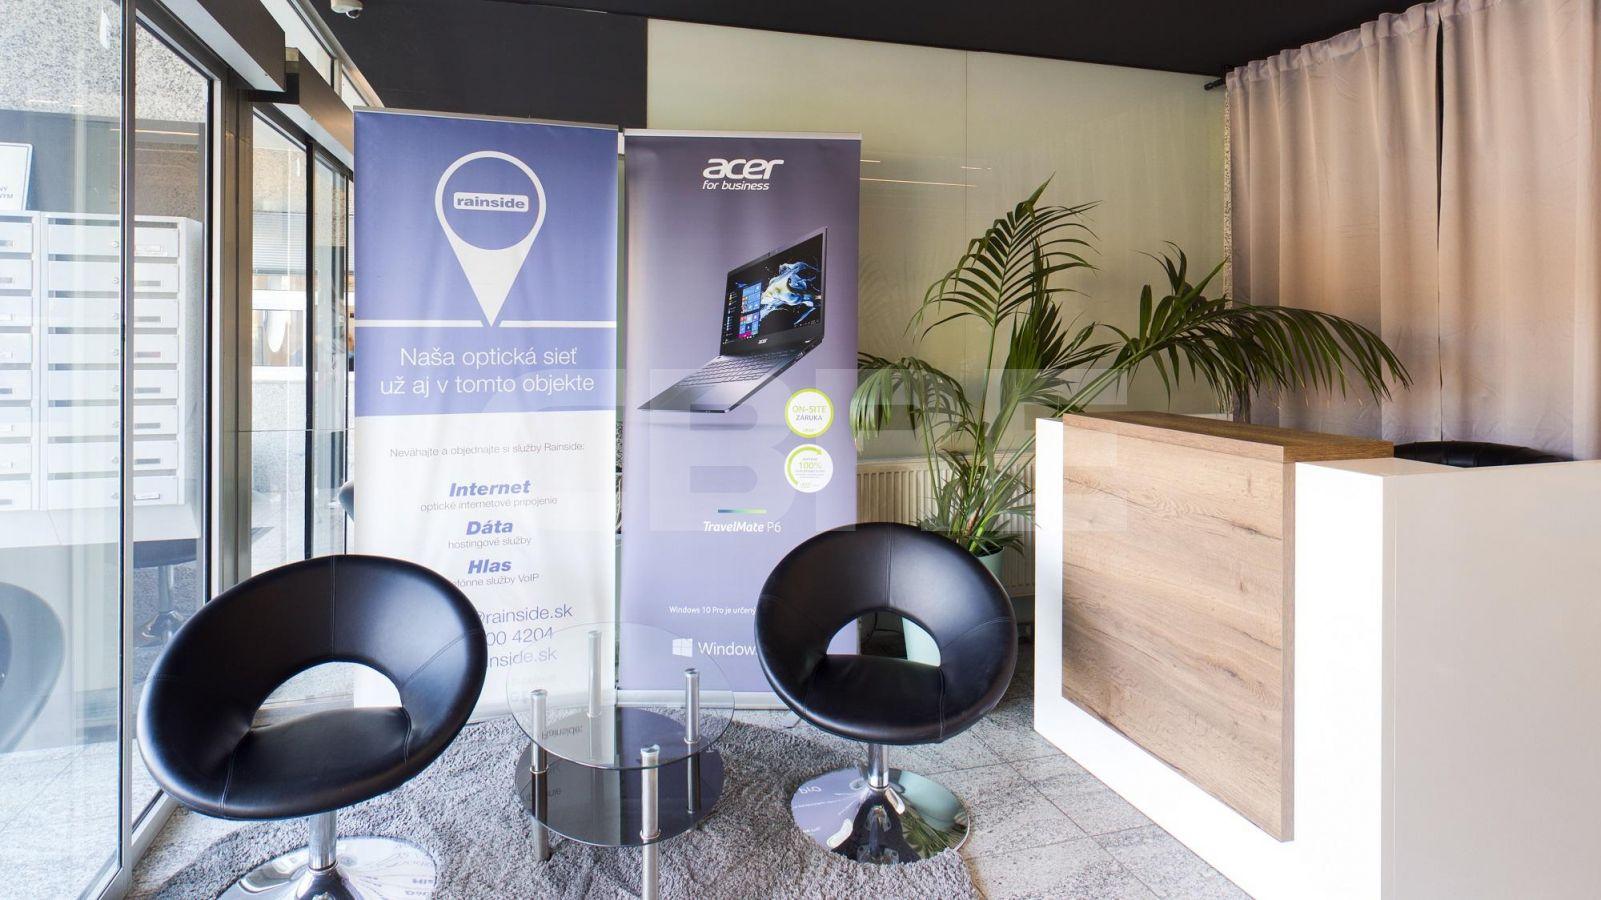 Trnavská cesta Business Center, Bratislava - Nové Mesto | Offices for rent by CBRE | 6